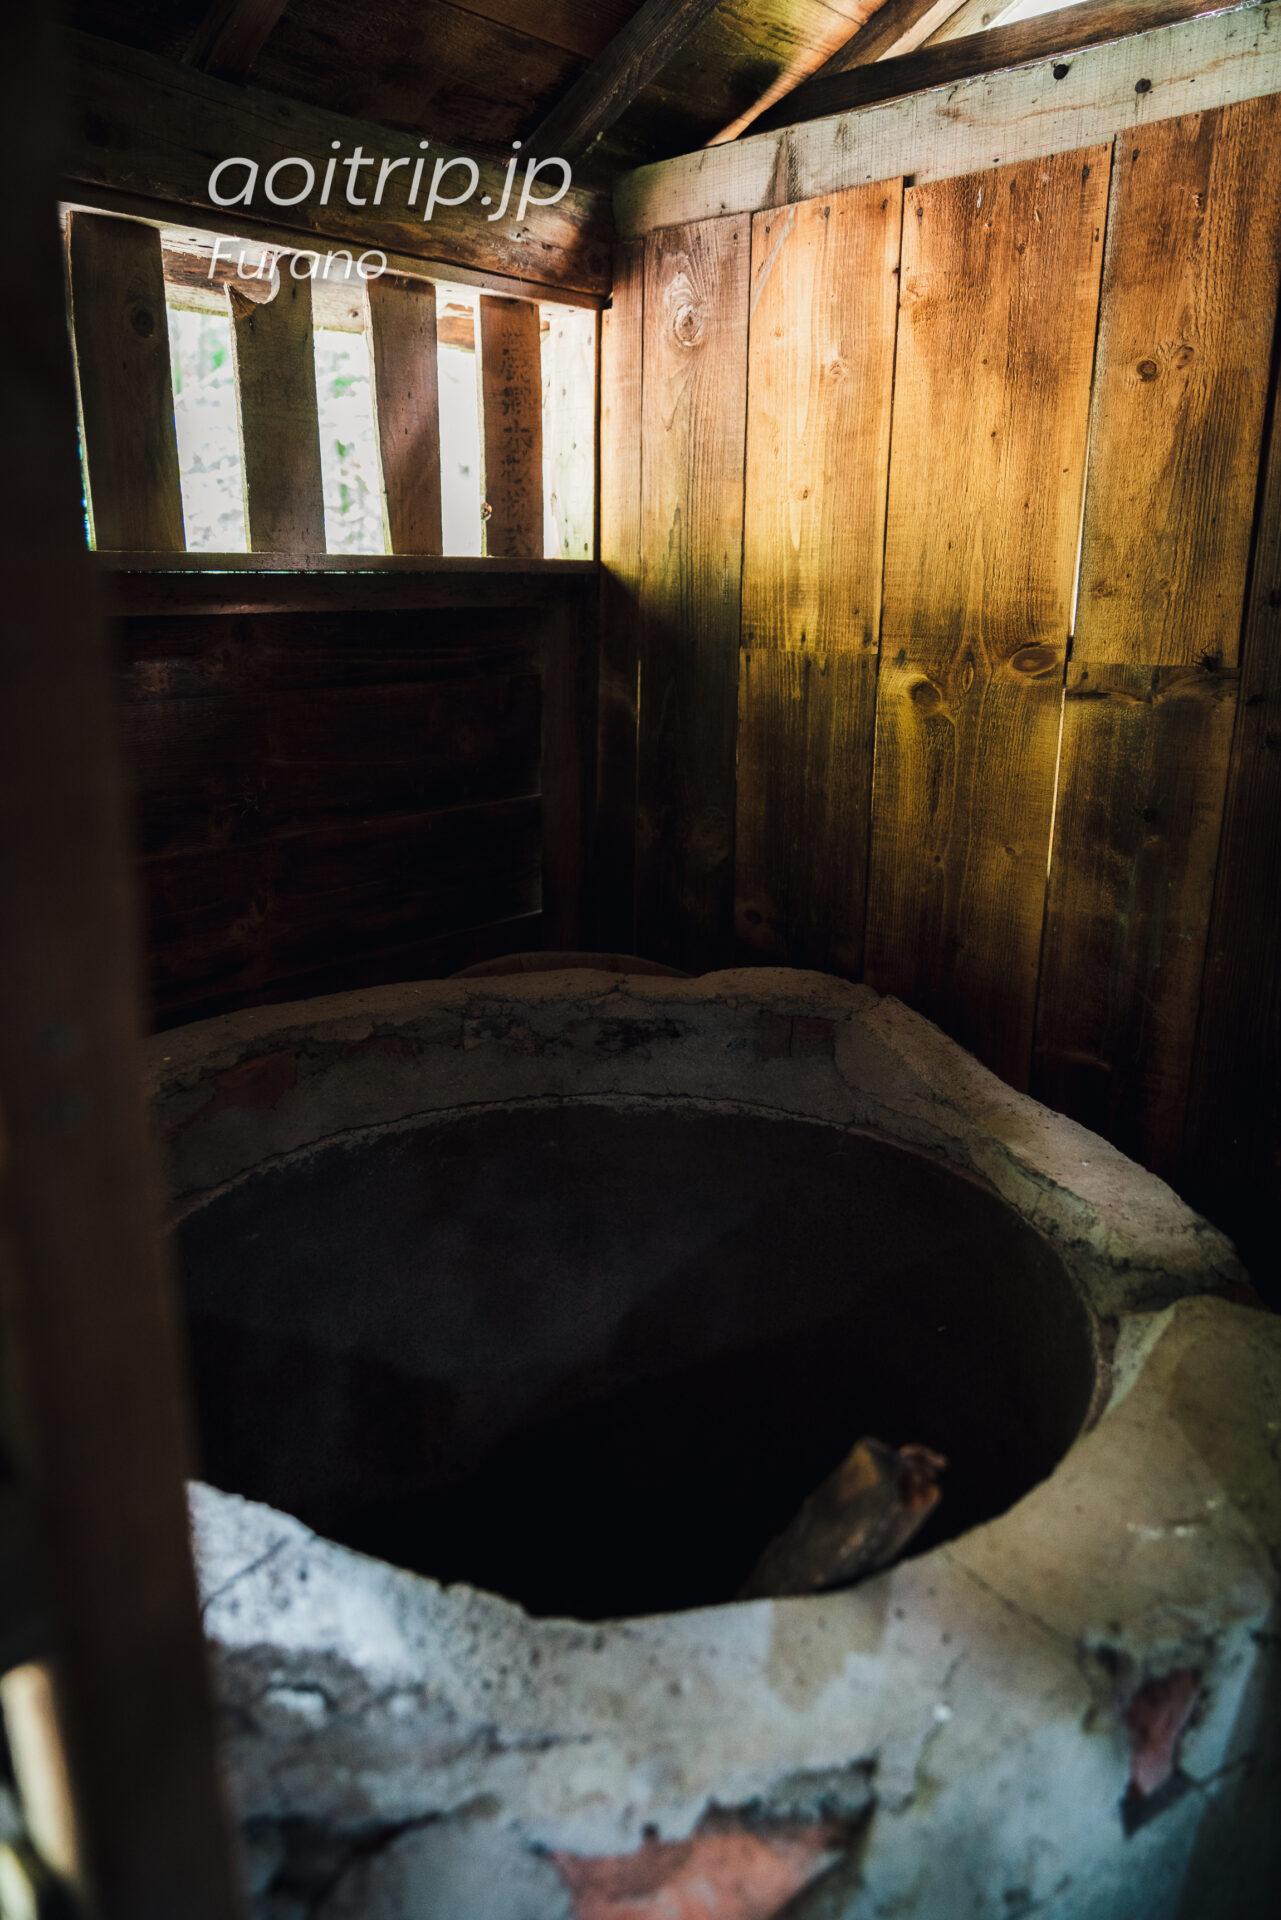 『北の国から』ロケ地巡り 五郎の最初の家 お風呂